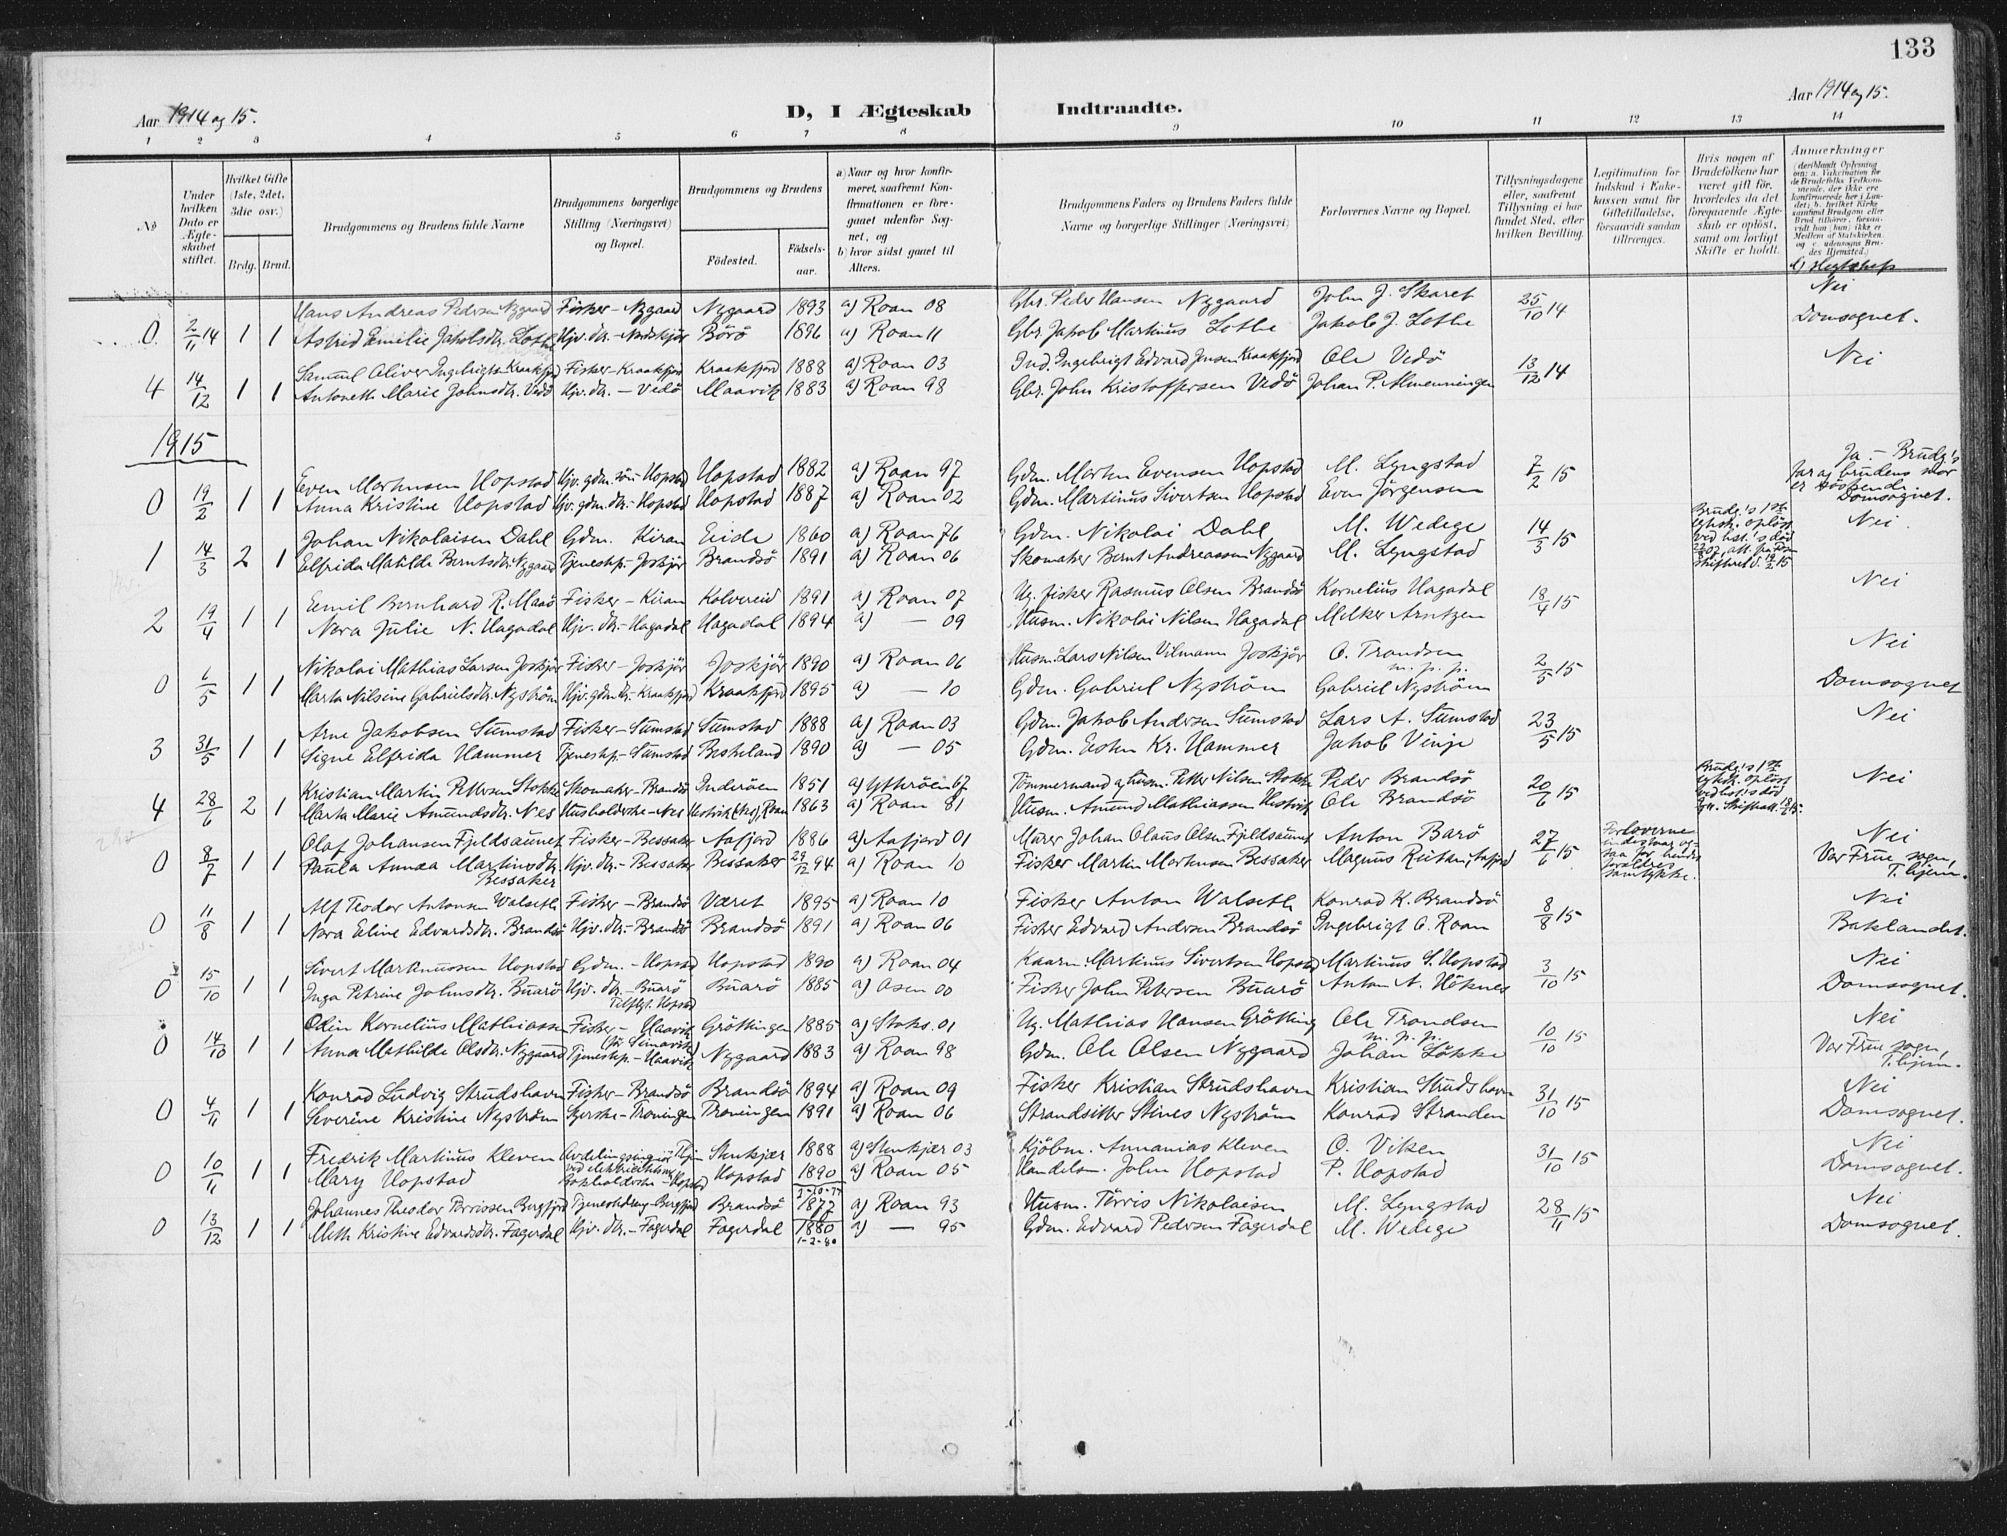 SAT, Ministerialprotokoller, klokkerbøker og fødselsregistre - Sør-Trøndelag, 657/L0709: Ministerialbok nr. 657A10, 1905-1919, s. 133